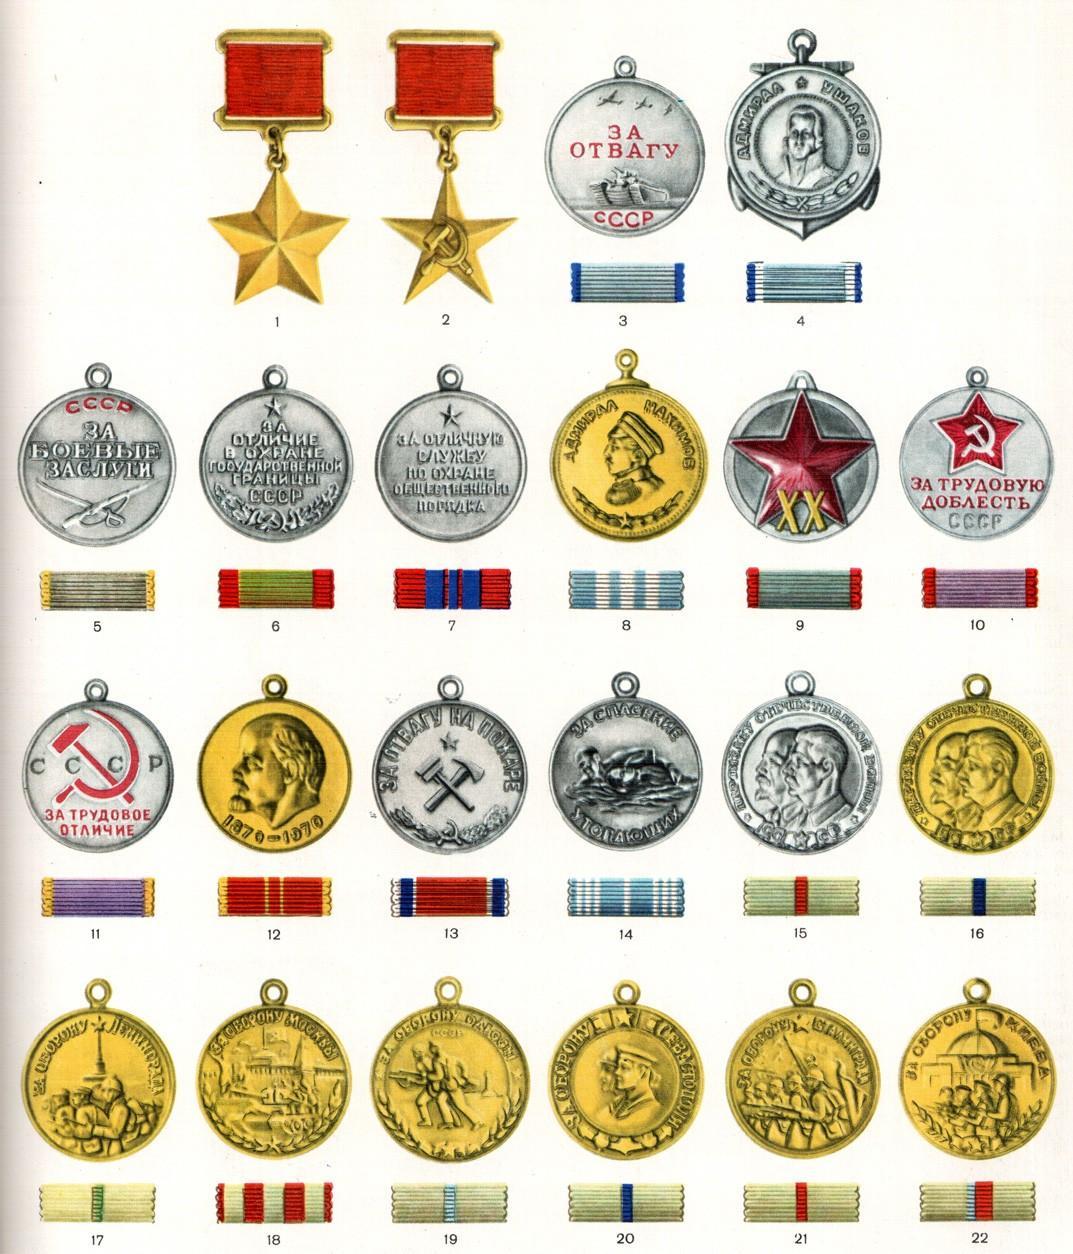 Содержание и вес драгоценных металлов в медалях СССР